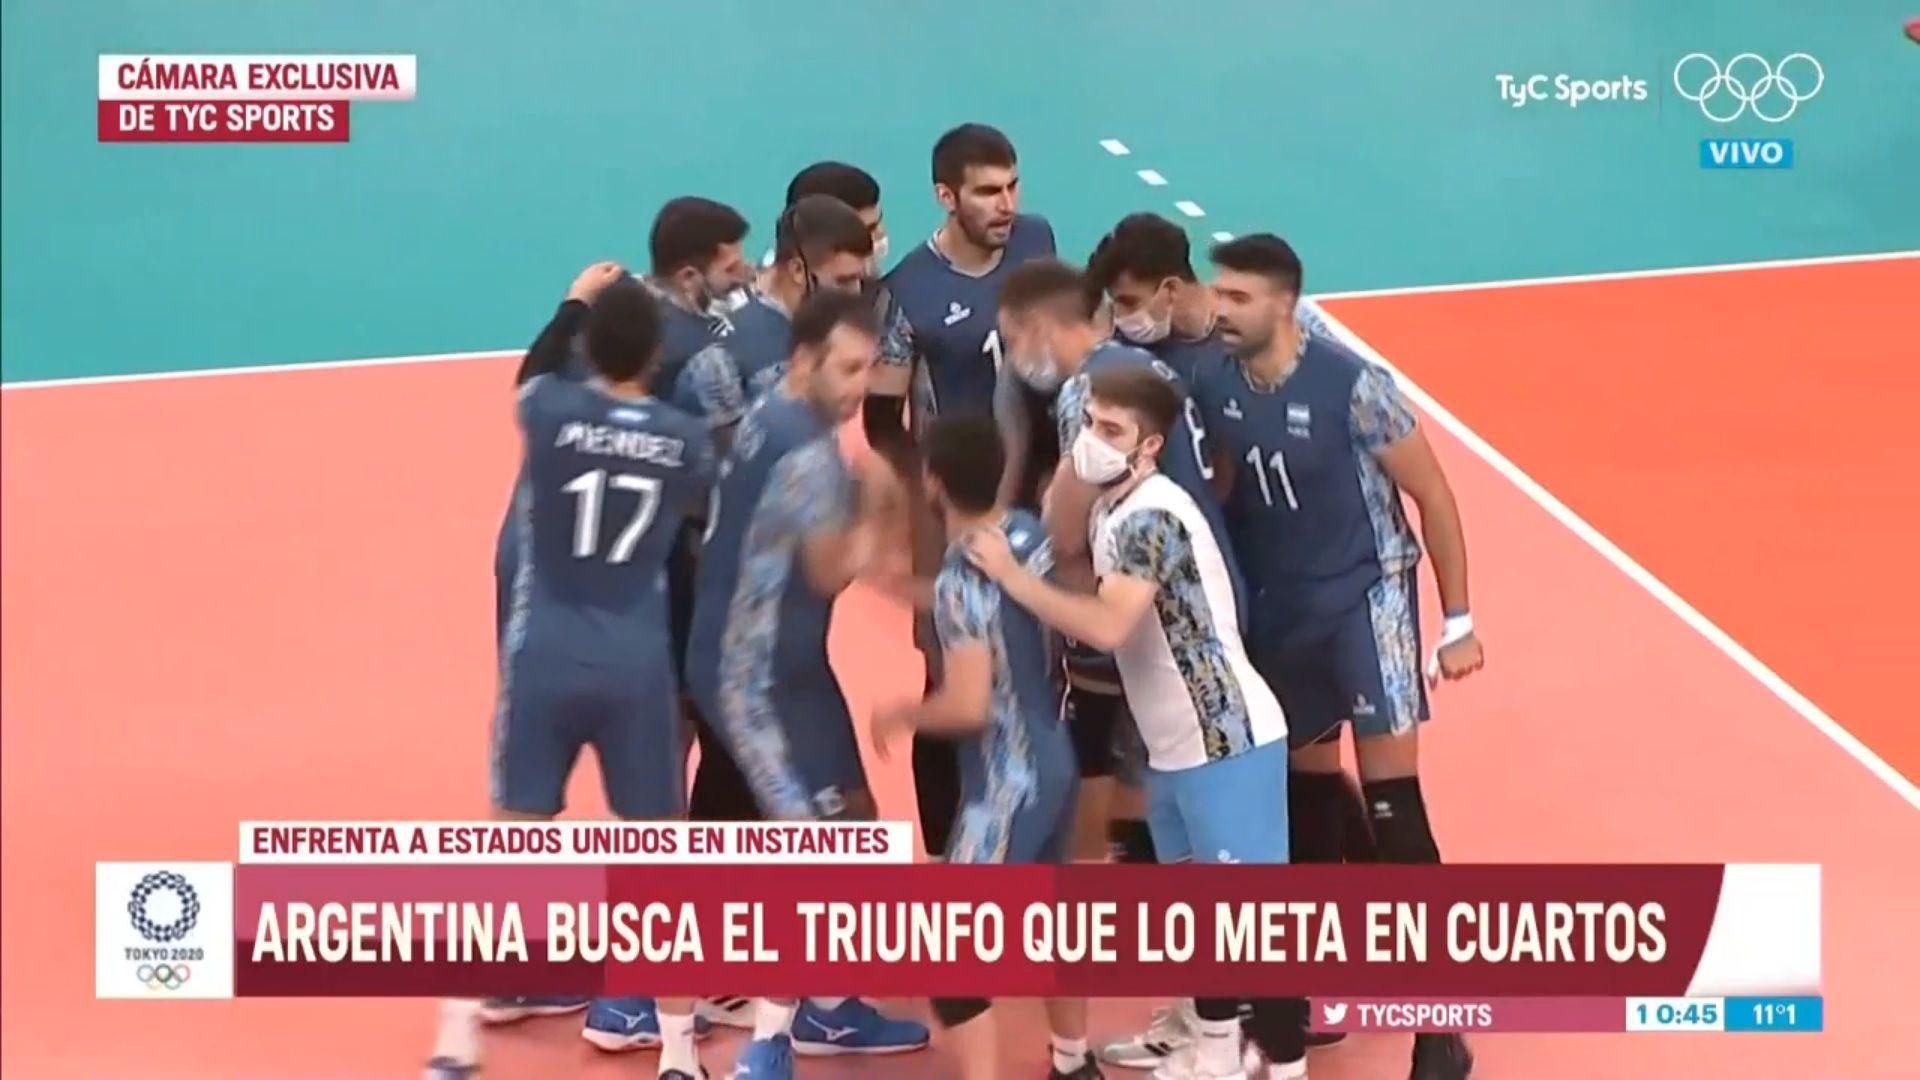 La Selección Argentina de Vóley dio el batacazo en Tokio 2020. En la previa sonaron Los Redondos y una canción vinculada a Maradona